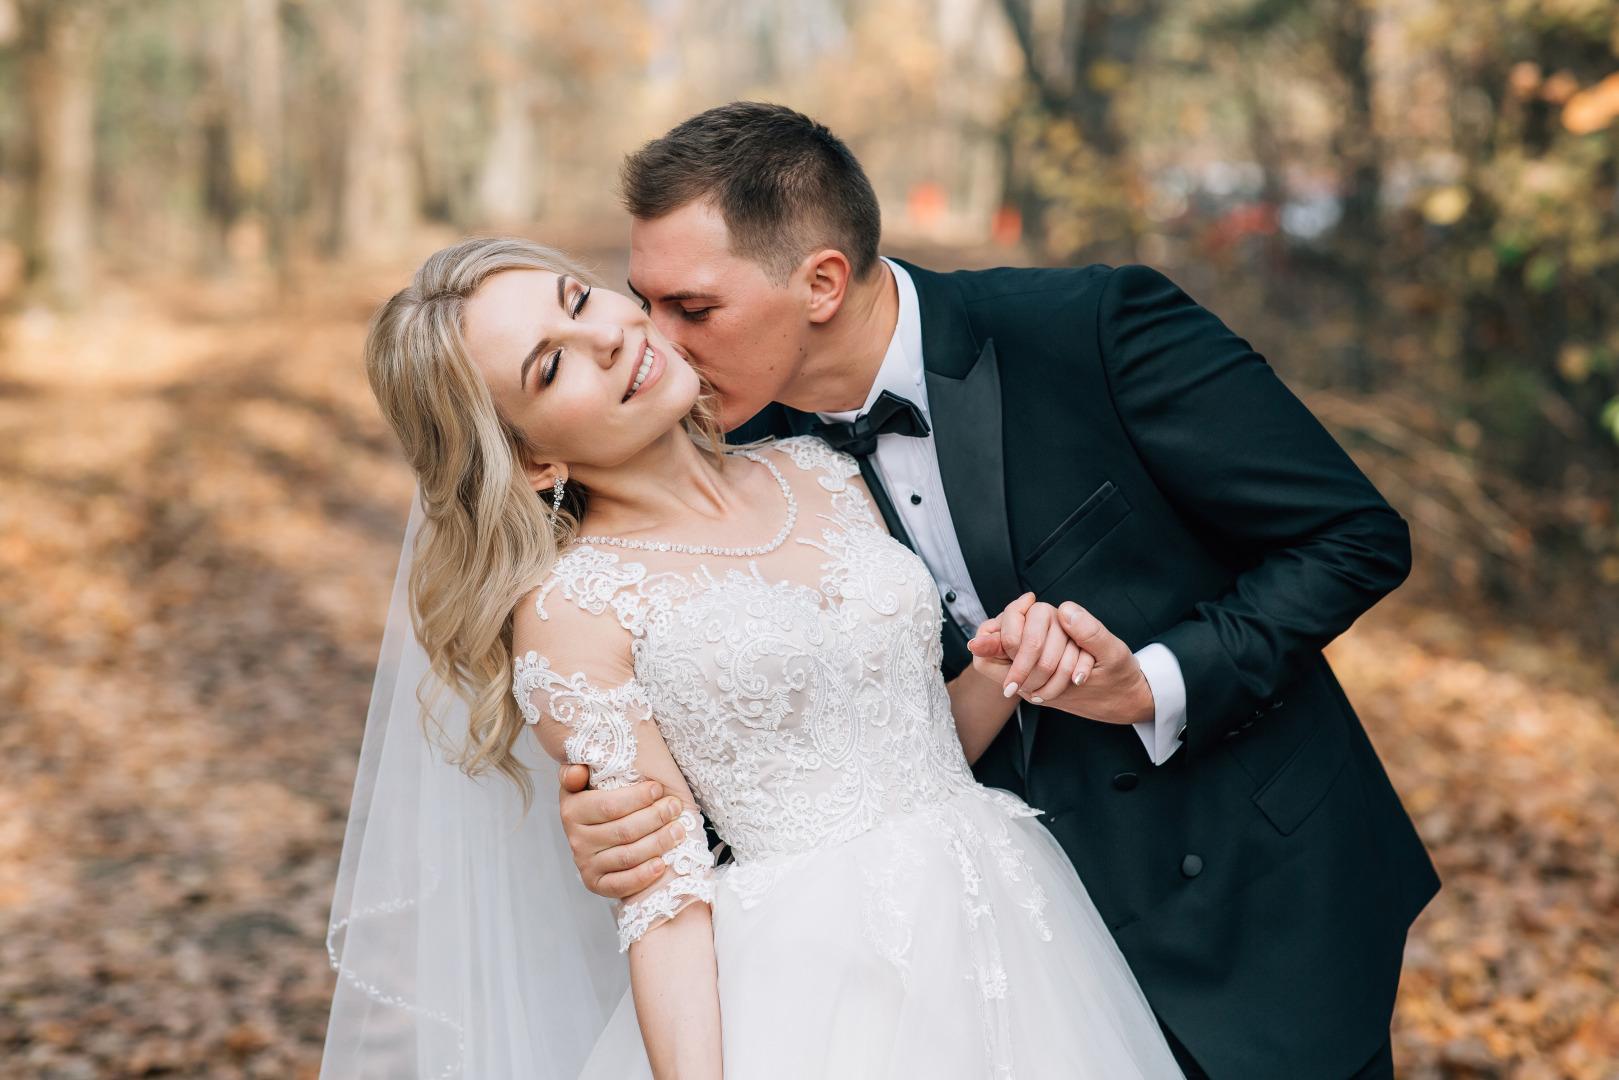 отзывы о свадебном фотографе пример одной стороны них